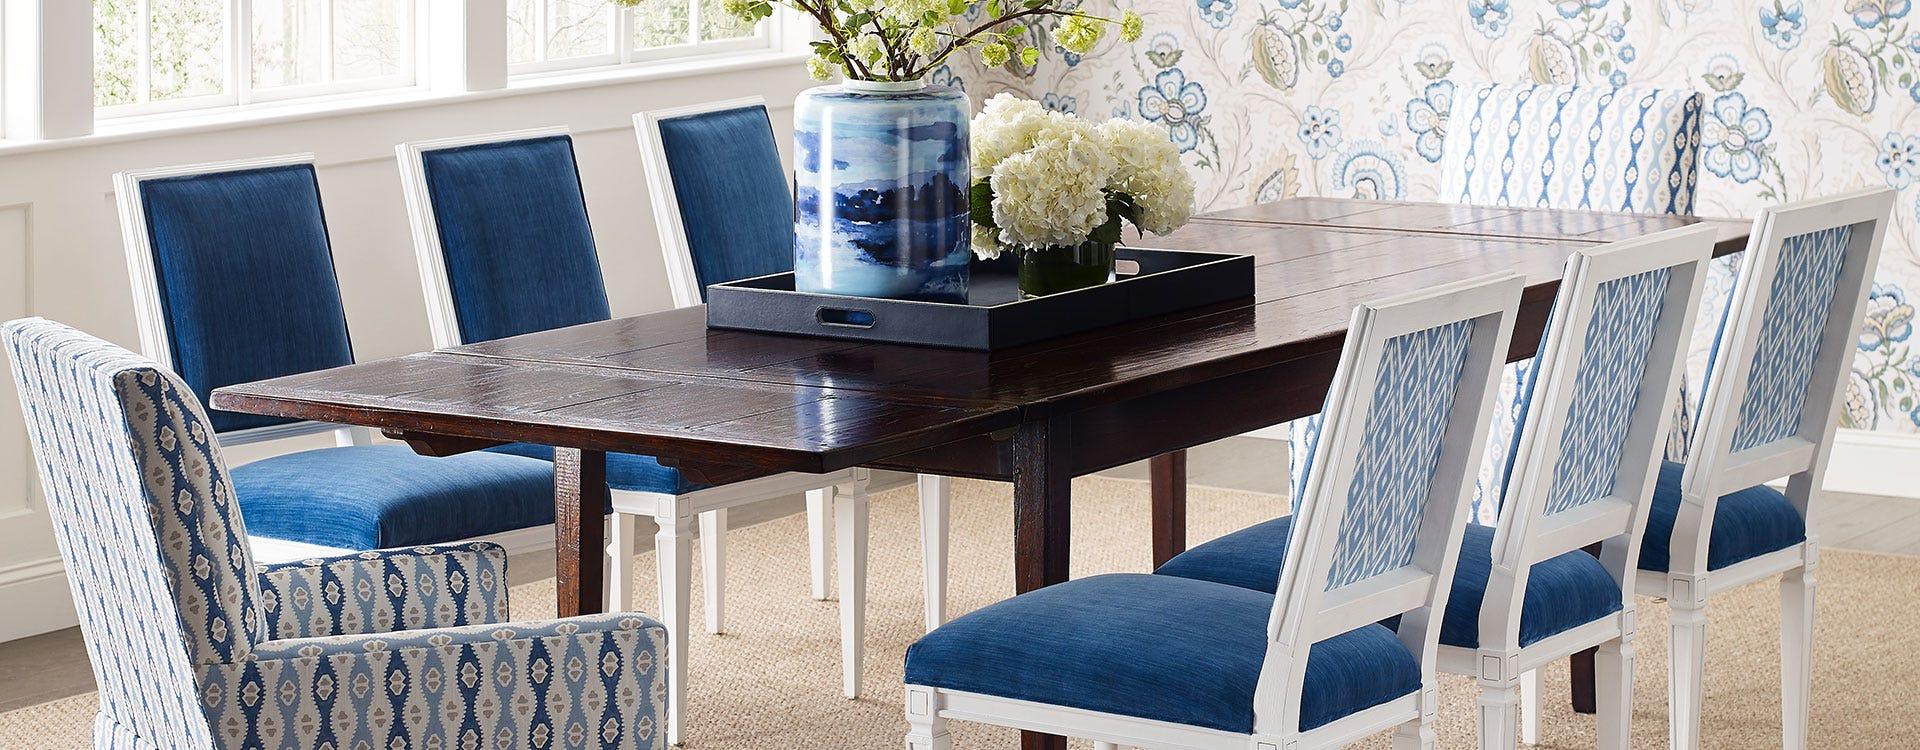 Lee Jofa Furniture